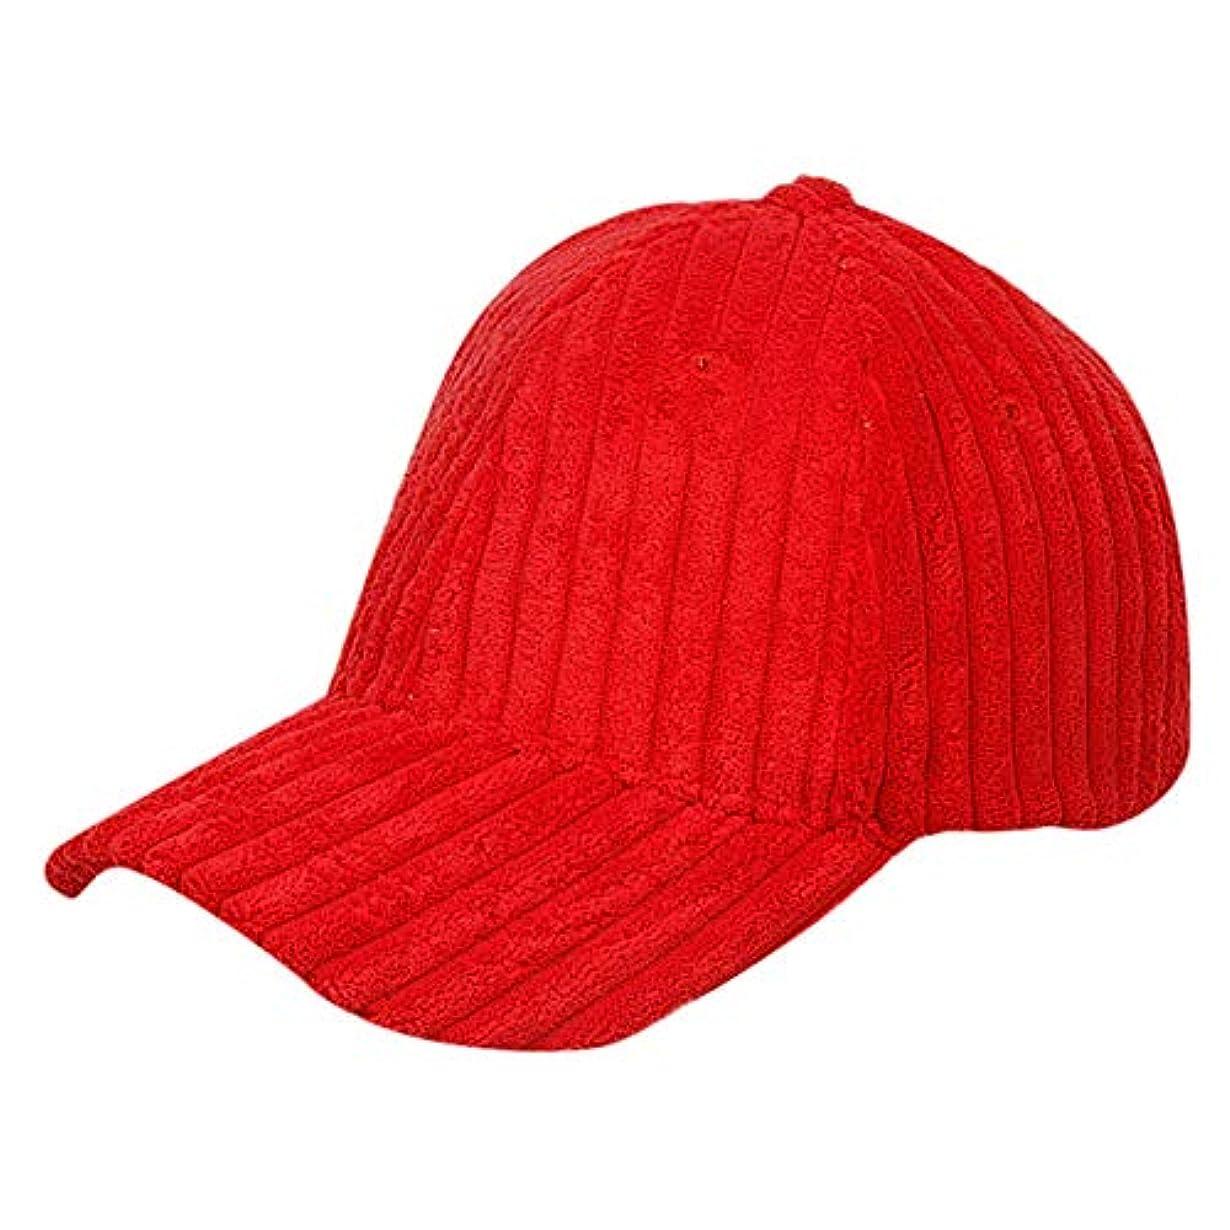 汚れた多分禁止するRacazing Cap コーデュロイ 野球帽 迷彩 冬 登山 通気性のある メッシュ 帽子 ベルクロ 可調整可能 ストライプ 刺繍 棒球帽 UV 帽子 軽量 屋外 Unisex Hat (赤)